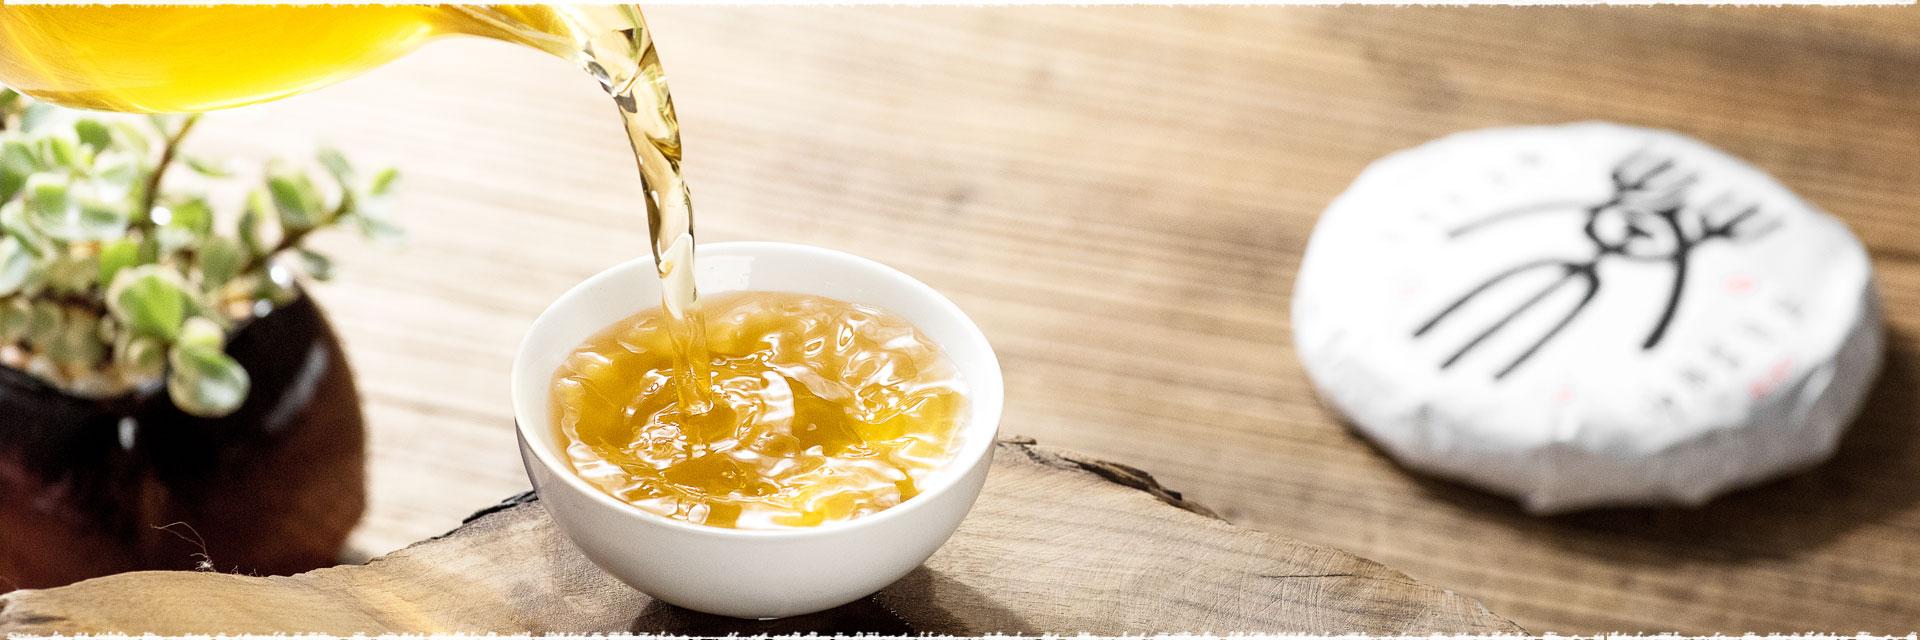 Pu'erh Tea — the Aged the Better?